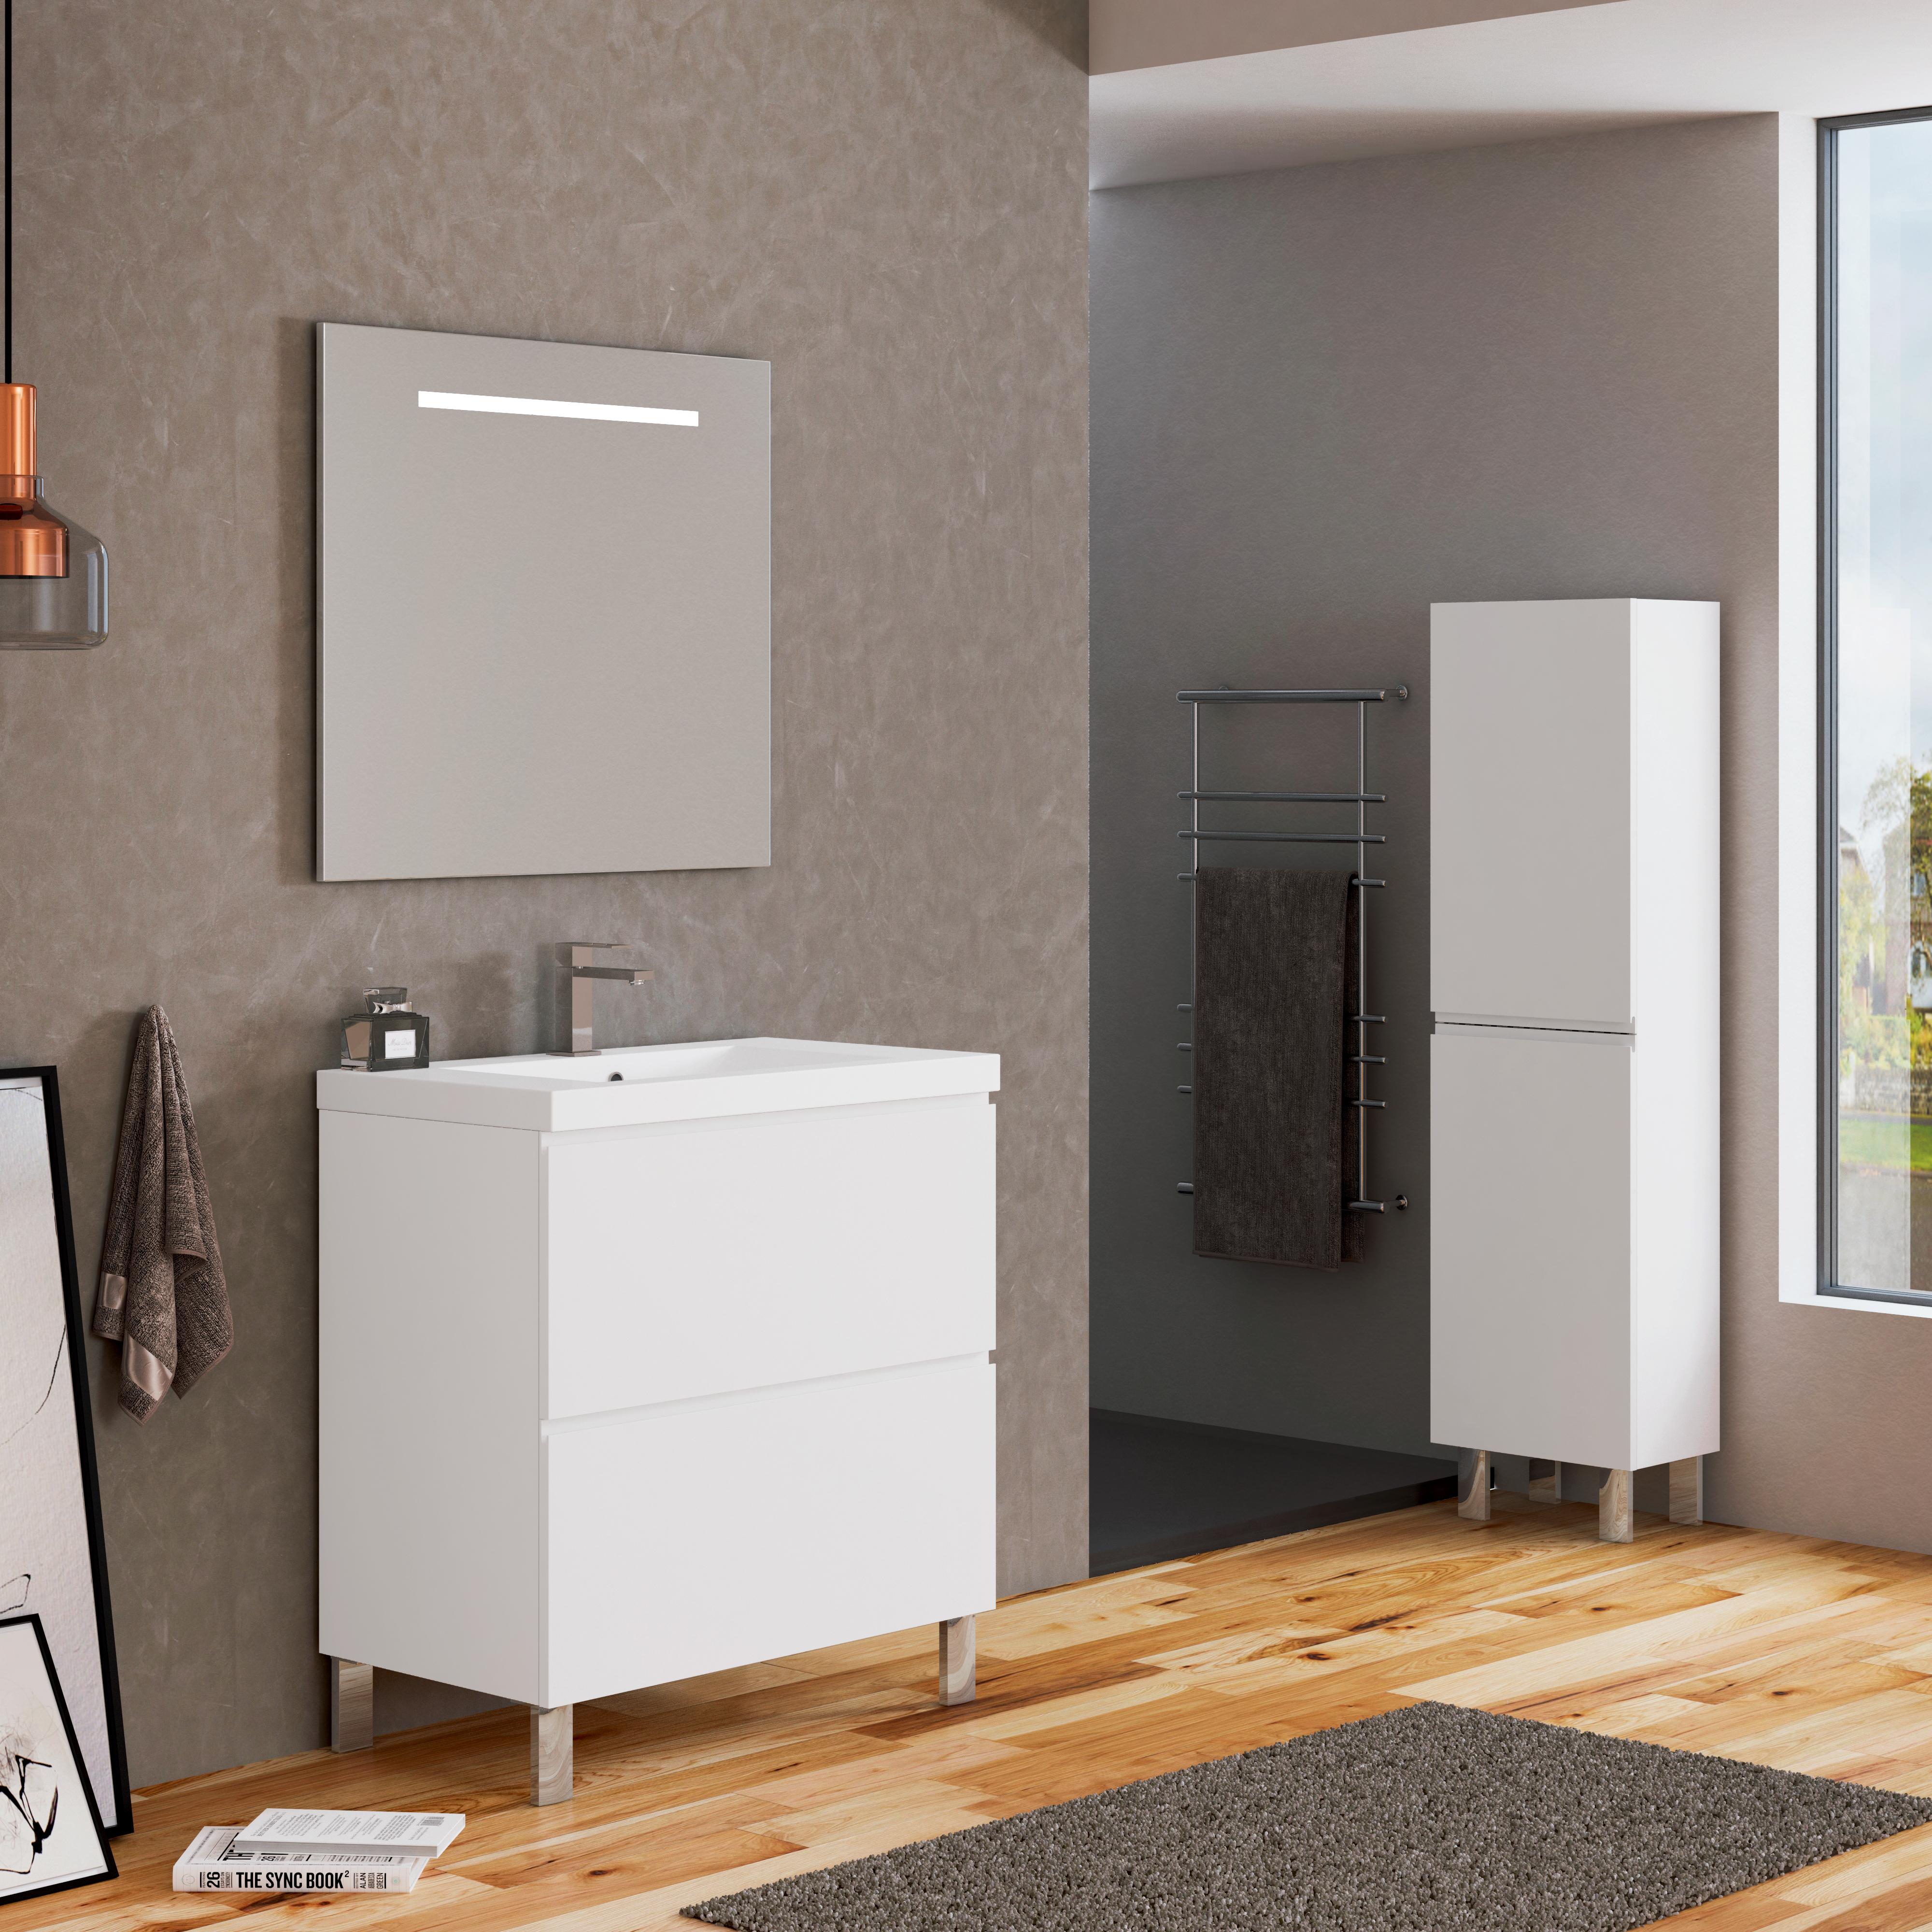 baños modernos fotos-Flavia